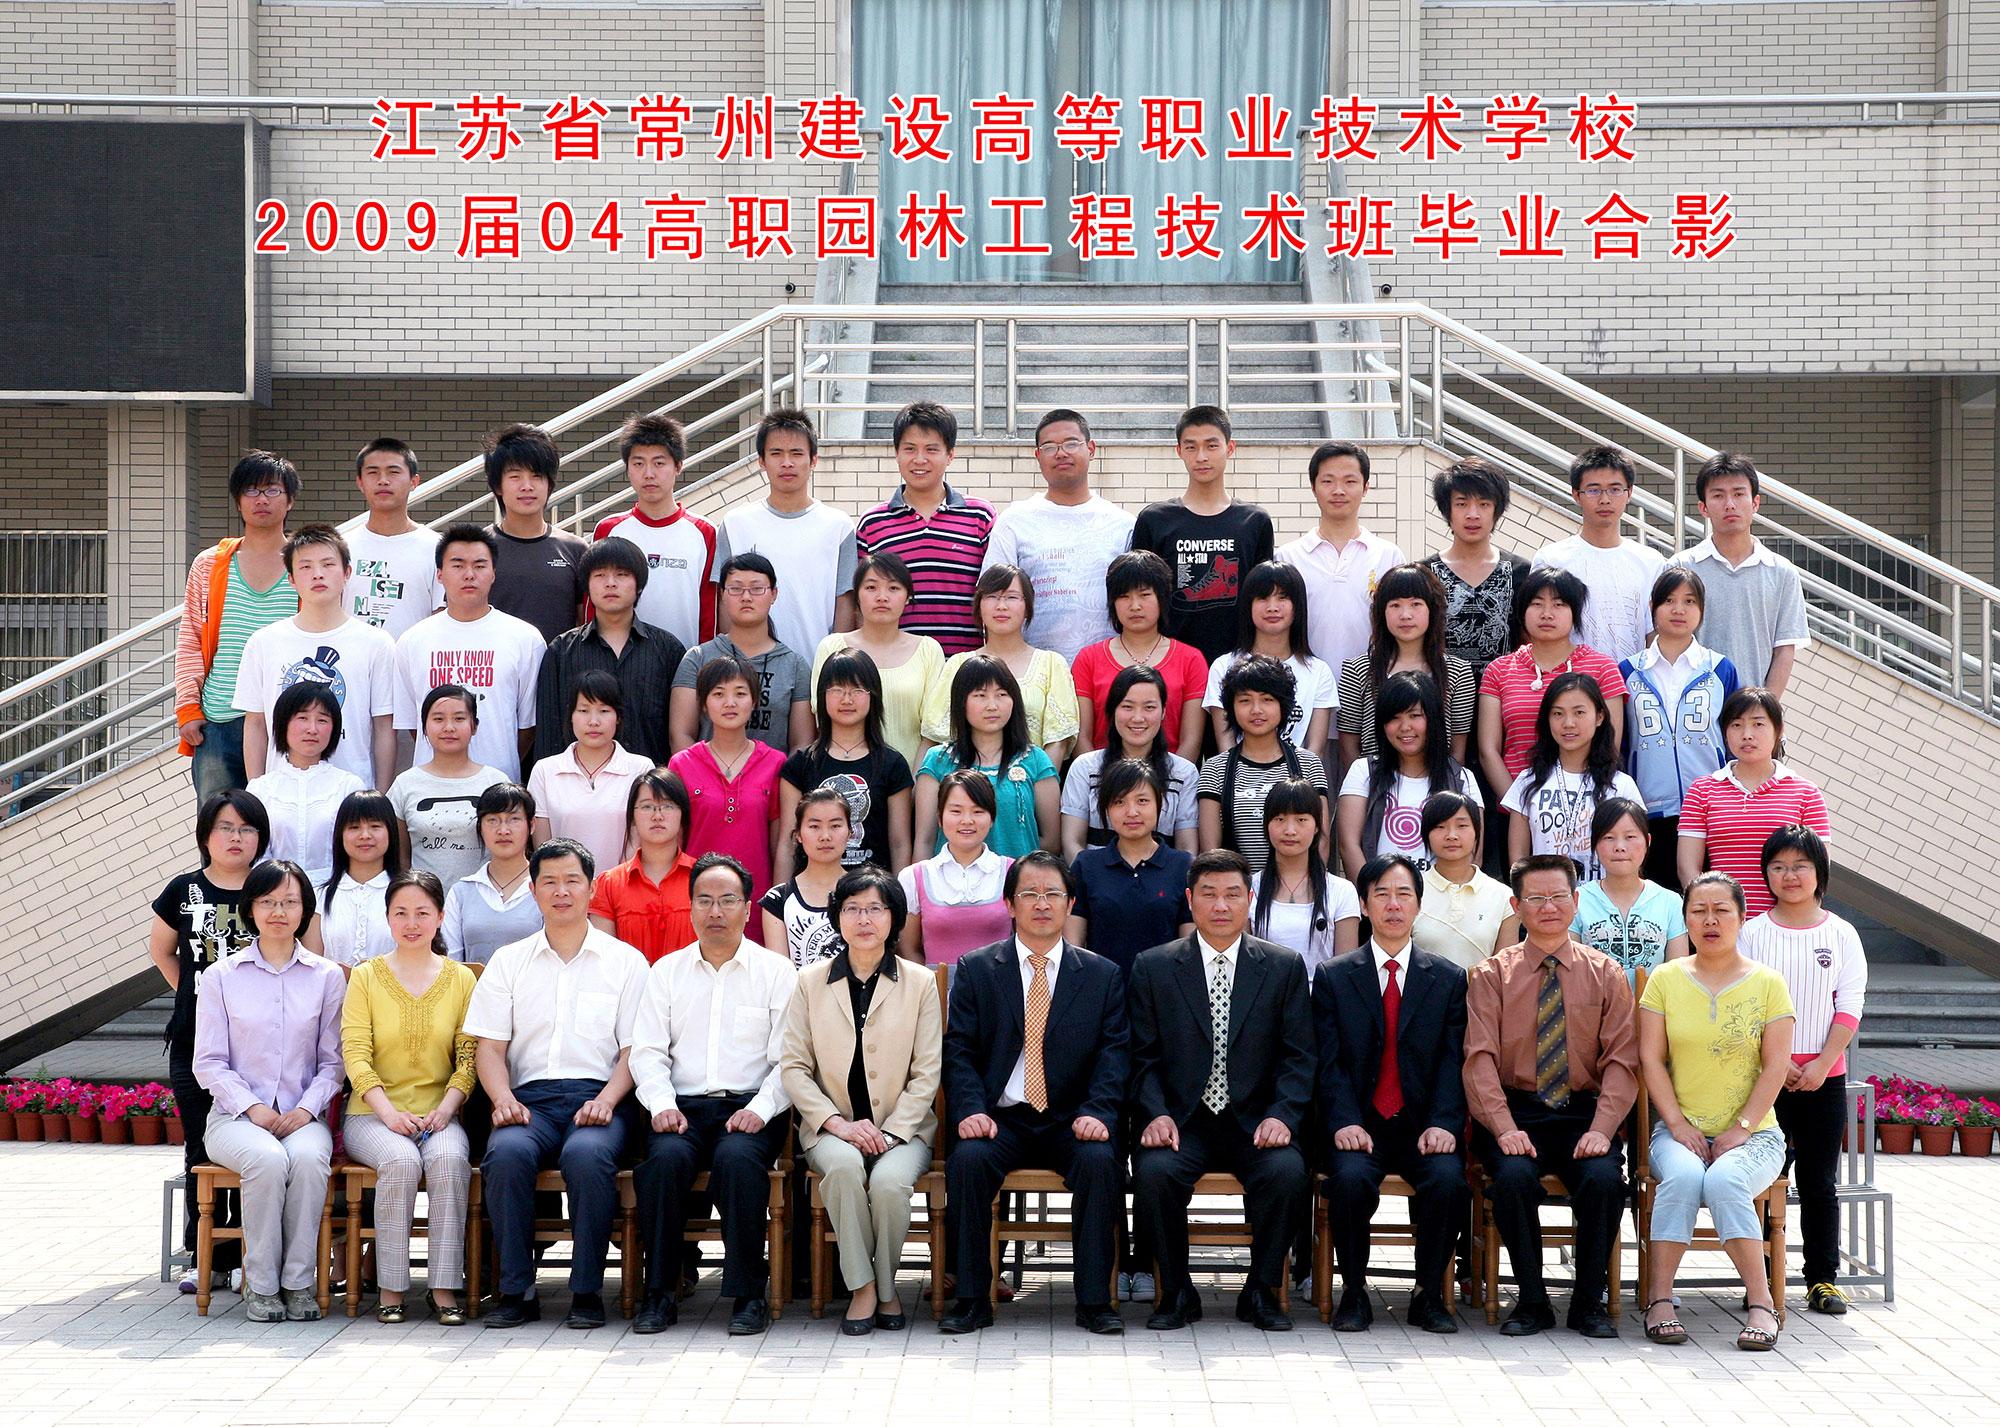 2009届04高职园林工程技术班毕业...